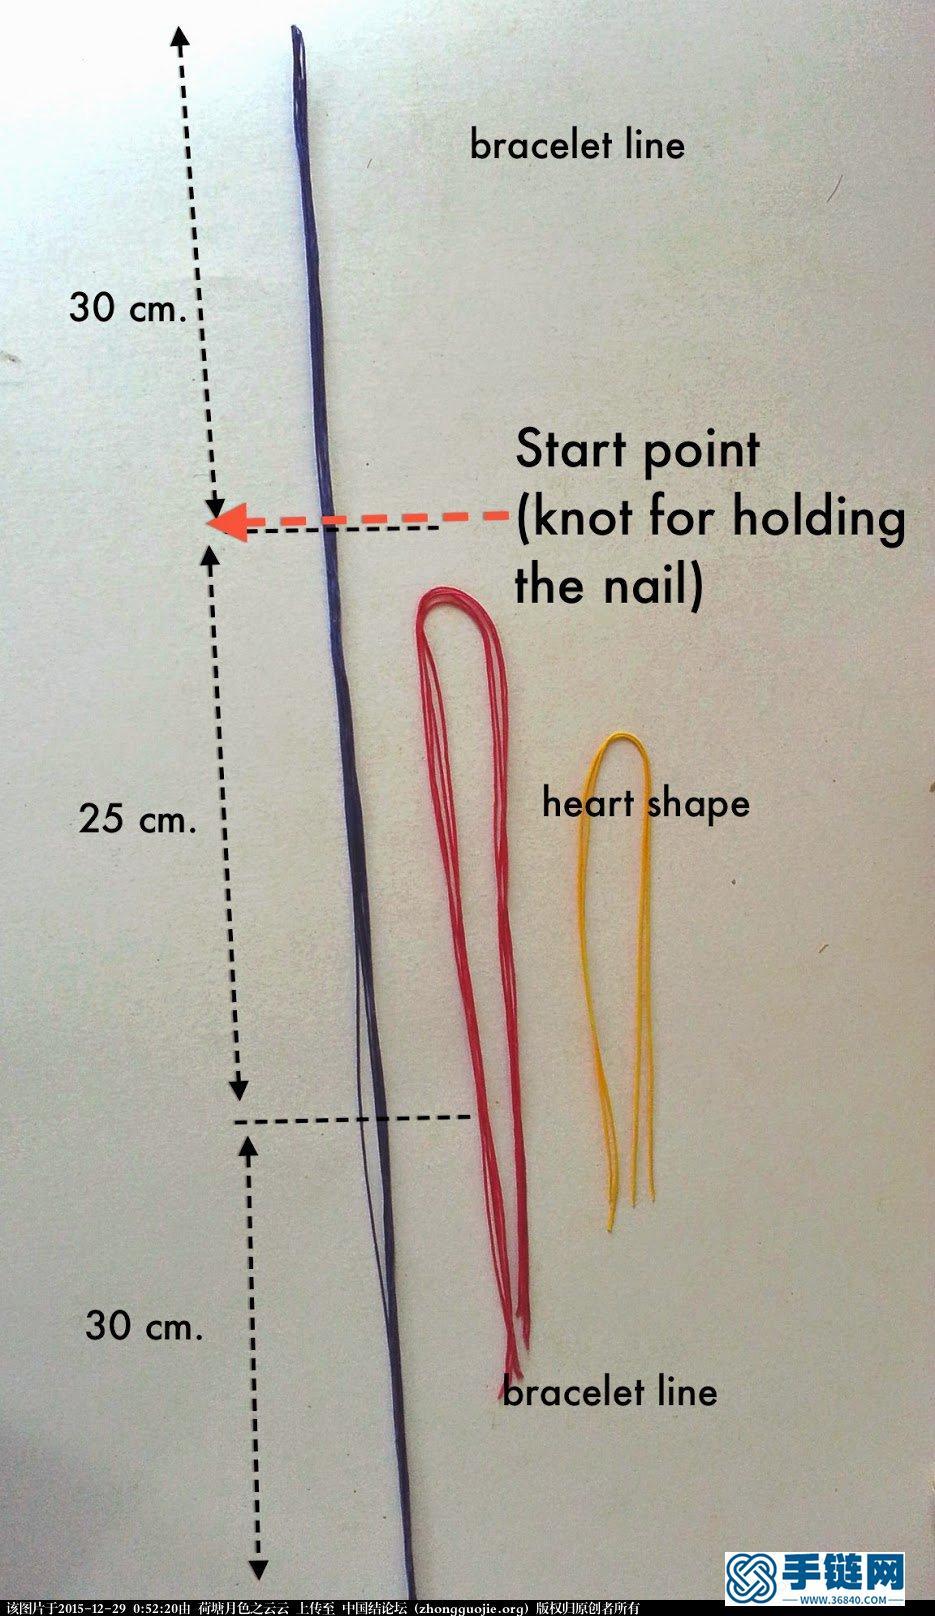 分享:心形手链教程